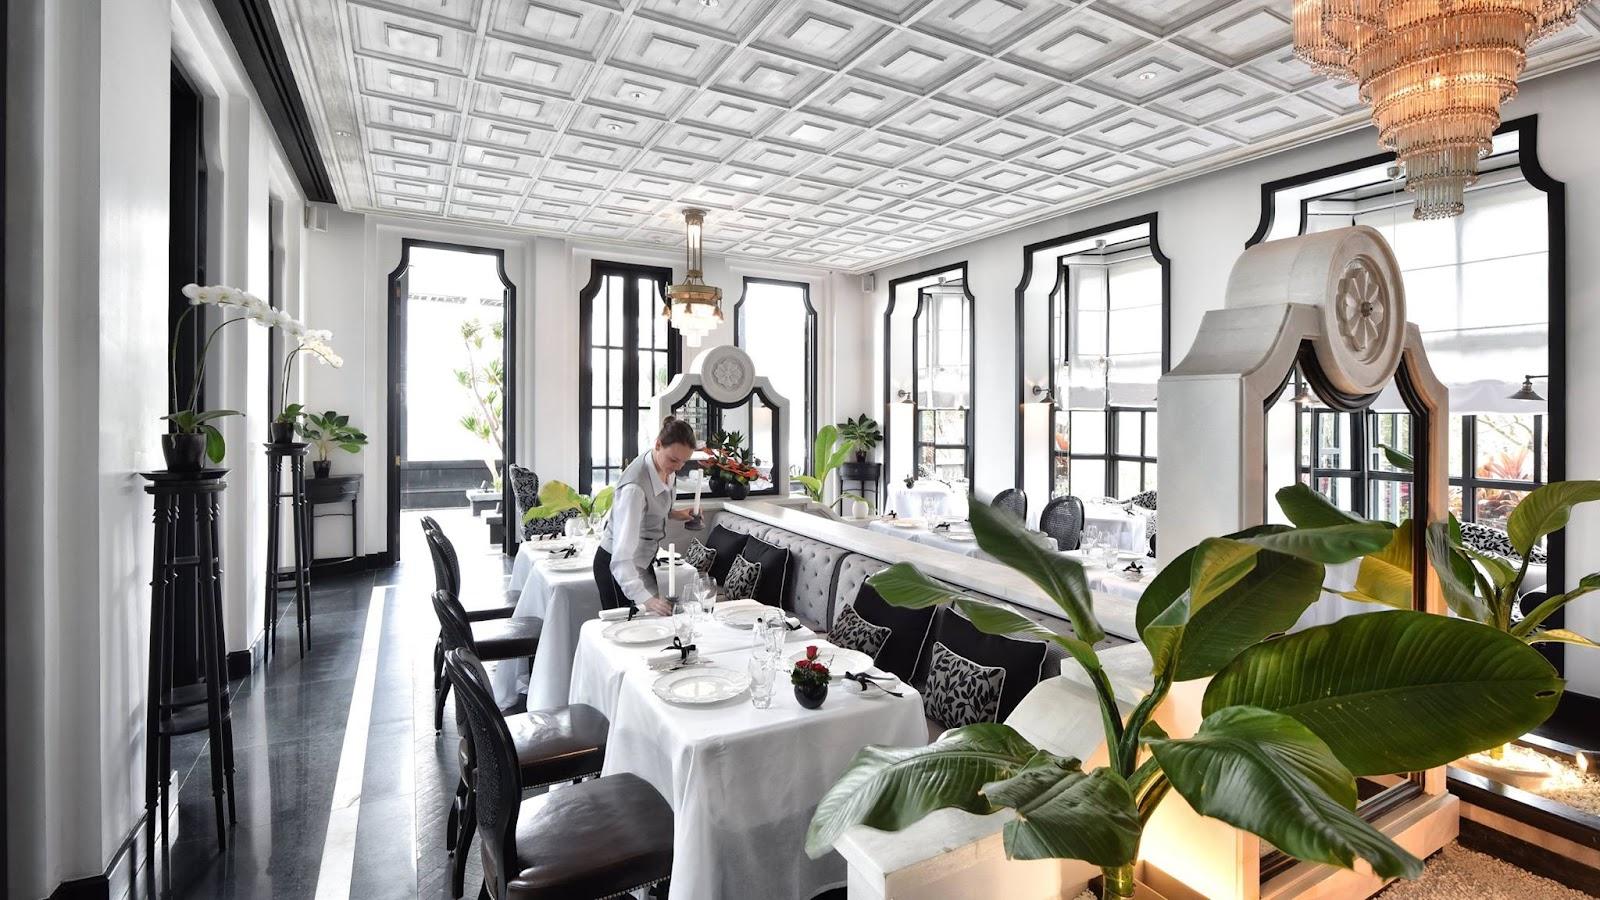 Nhà hàng La Maison 1888 ấn tượng với không gian sang trọng